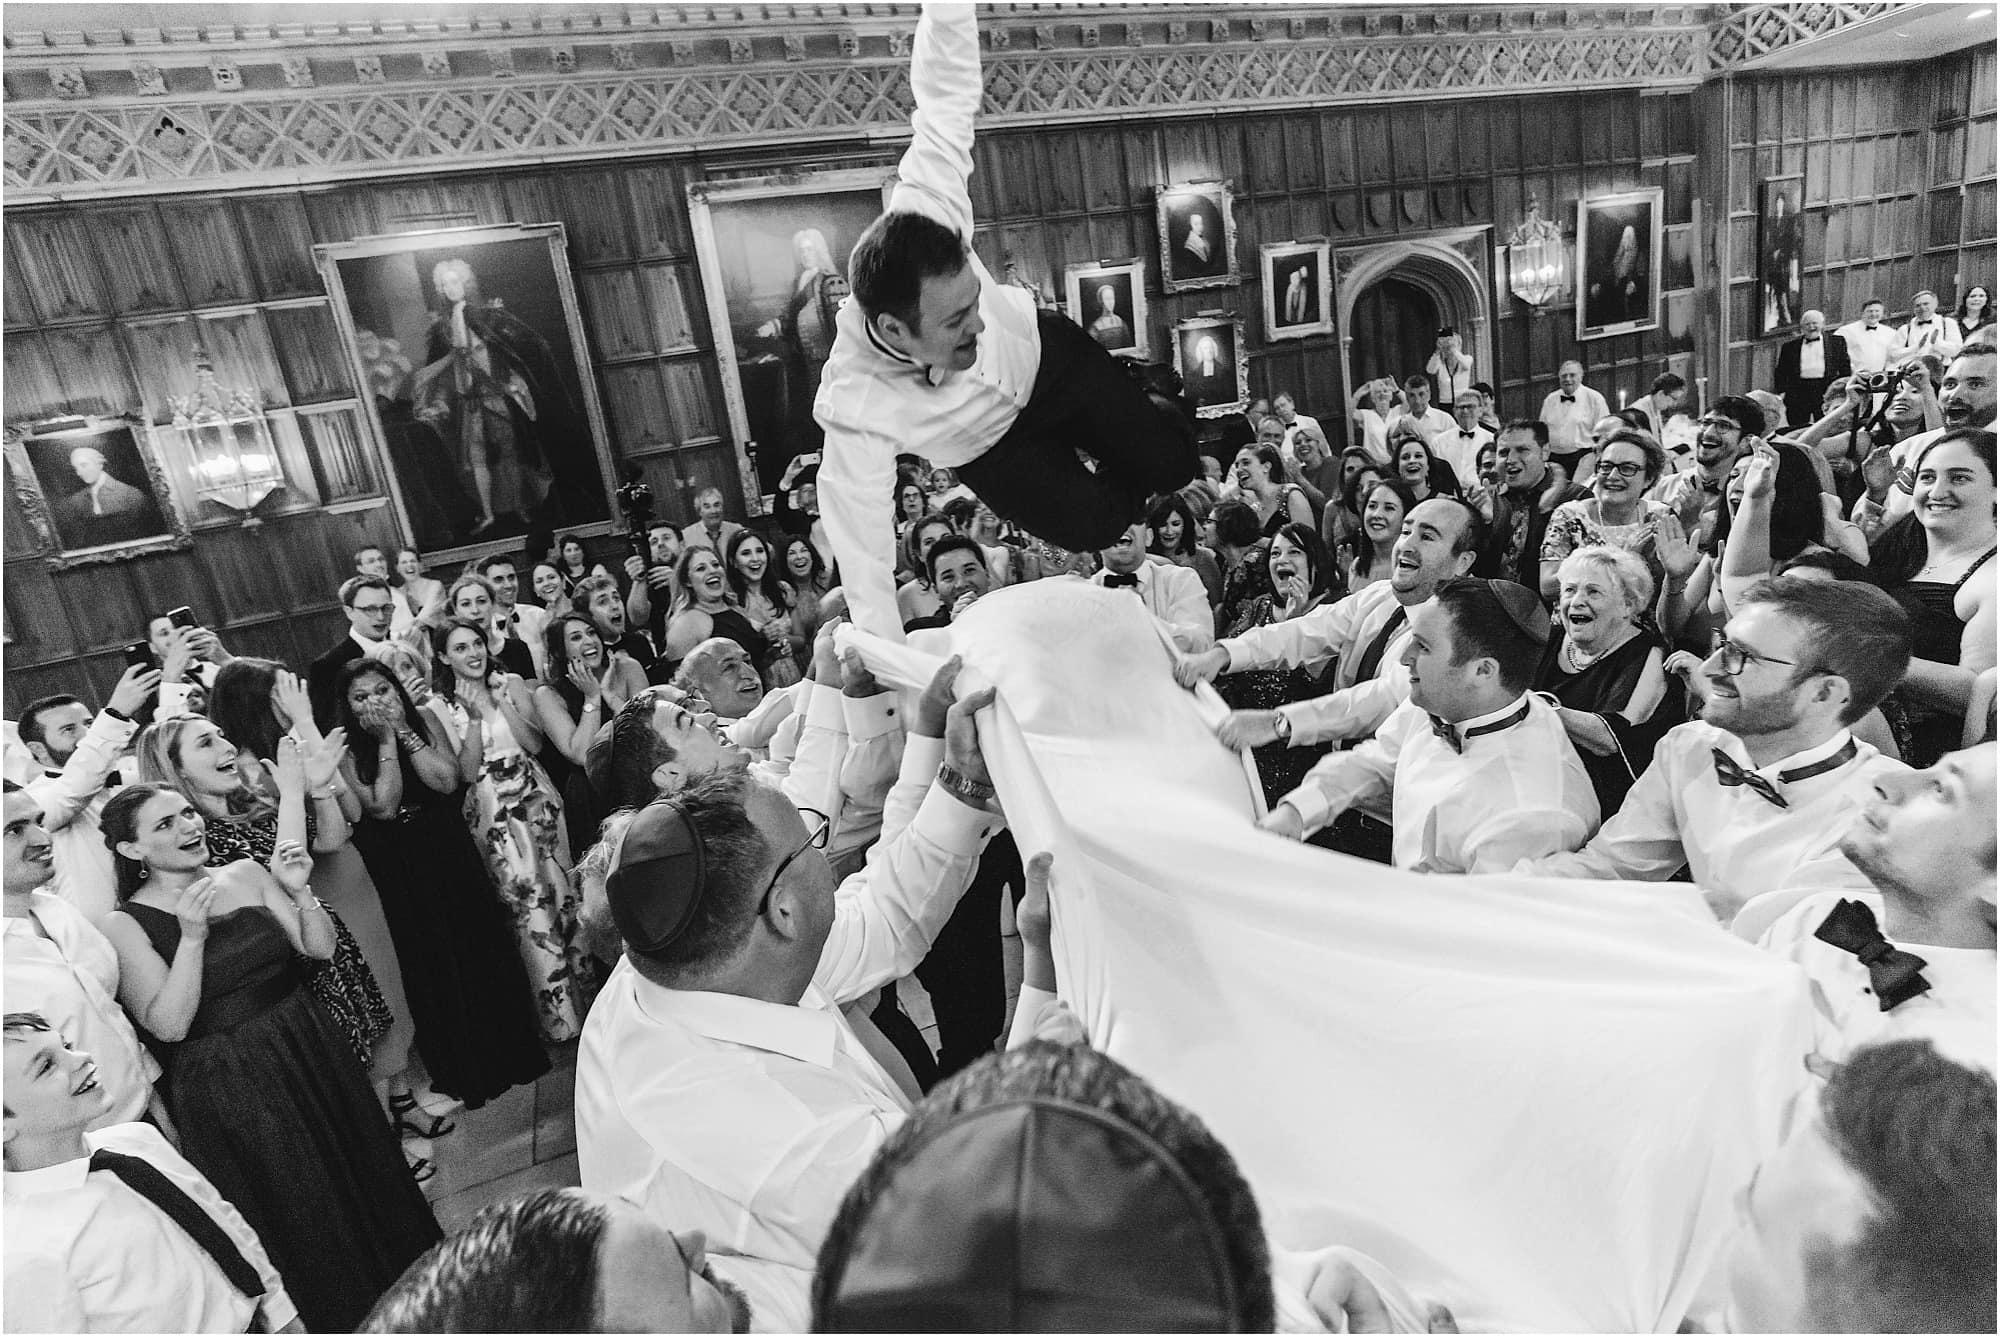 Israeli dancing groom thrown into the air